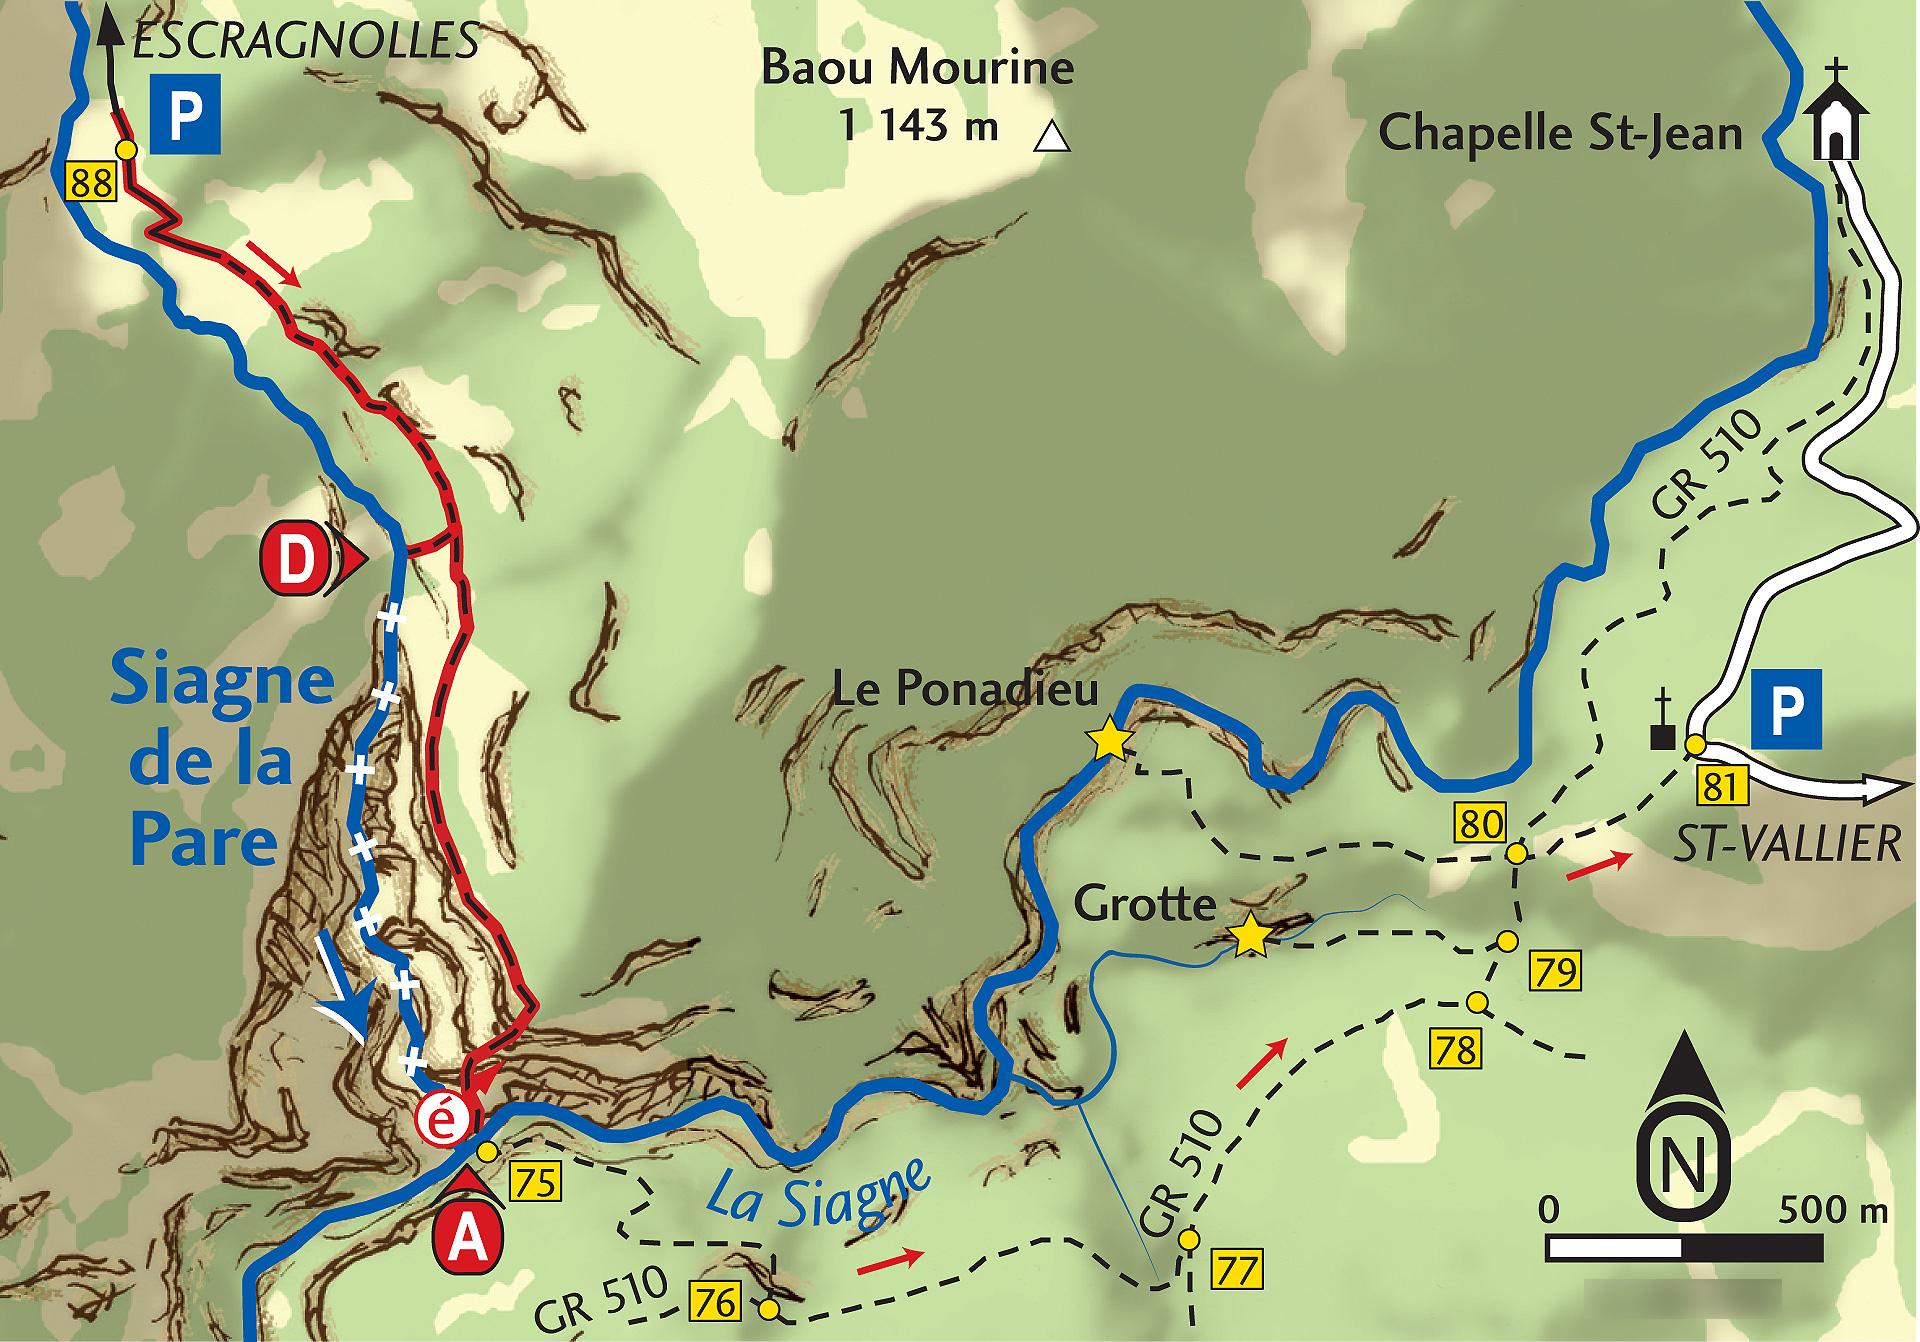 Siagne de la Pare - Département des Alpes-Maritimes